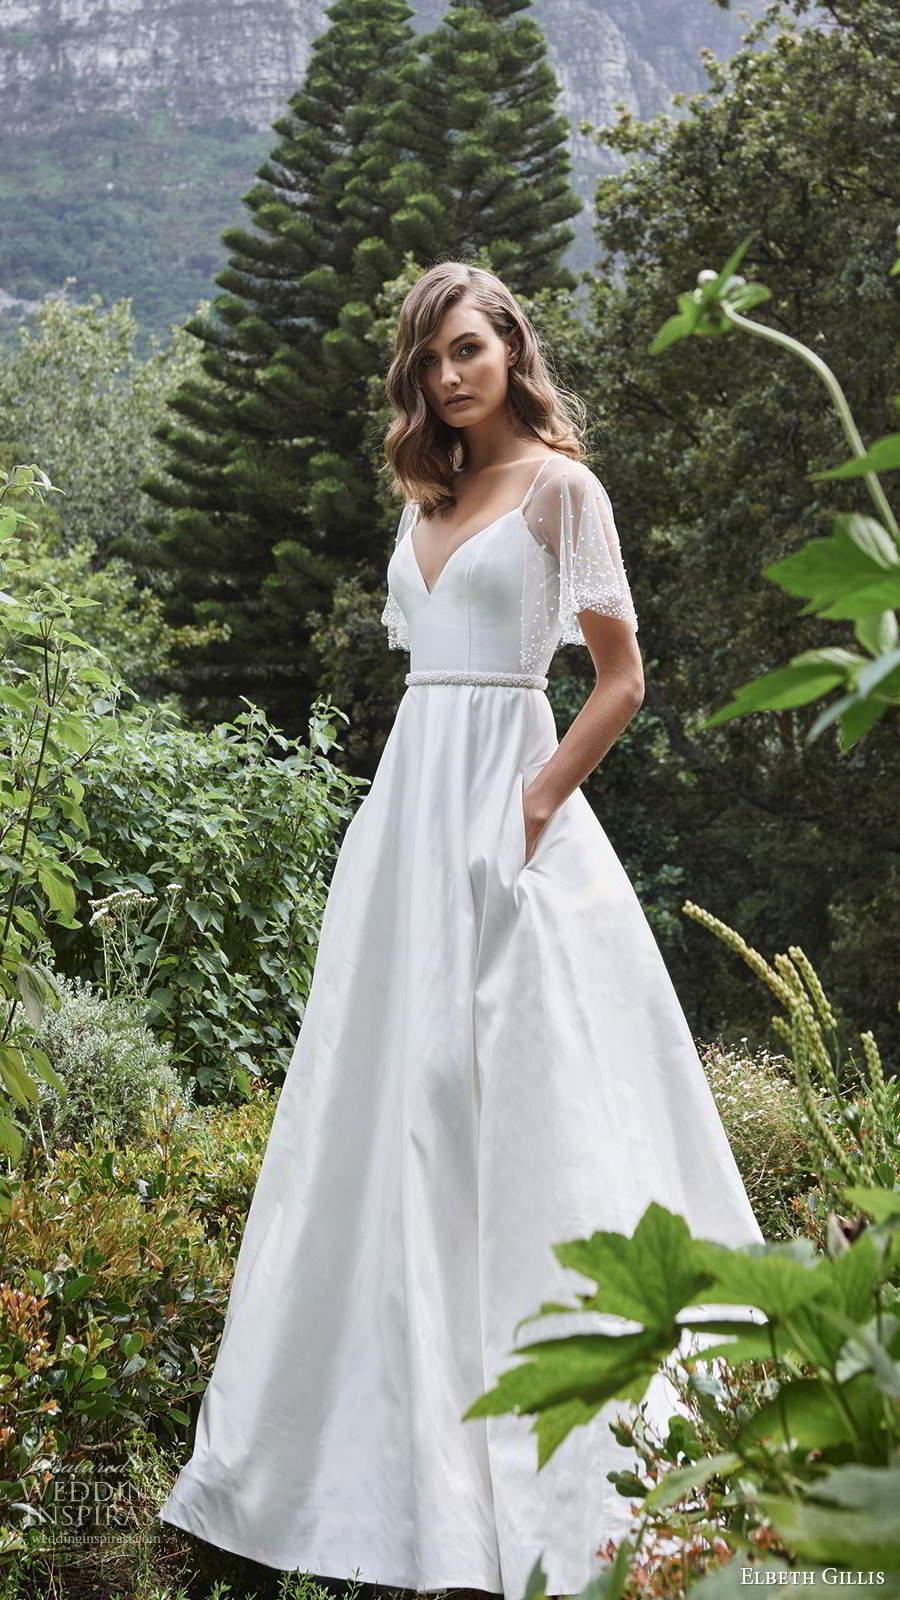 elbeth gillis 2021 bridal sheer flutter sleeves sleeveless straps v neckline embellished bodice a line ball gown wedding dress chapel train (12) fv